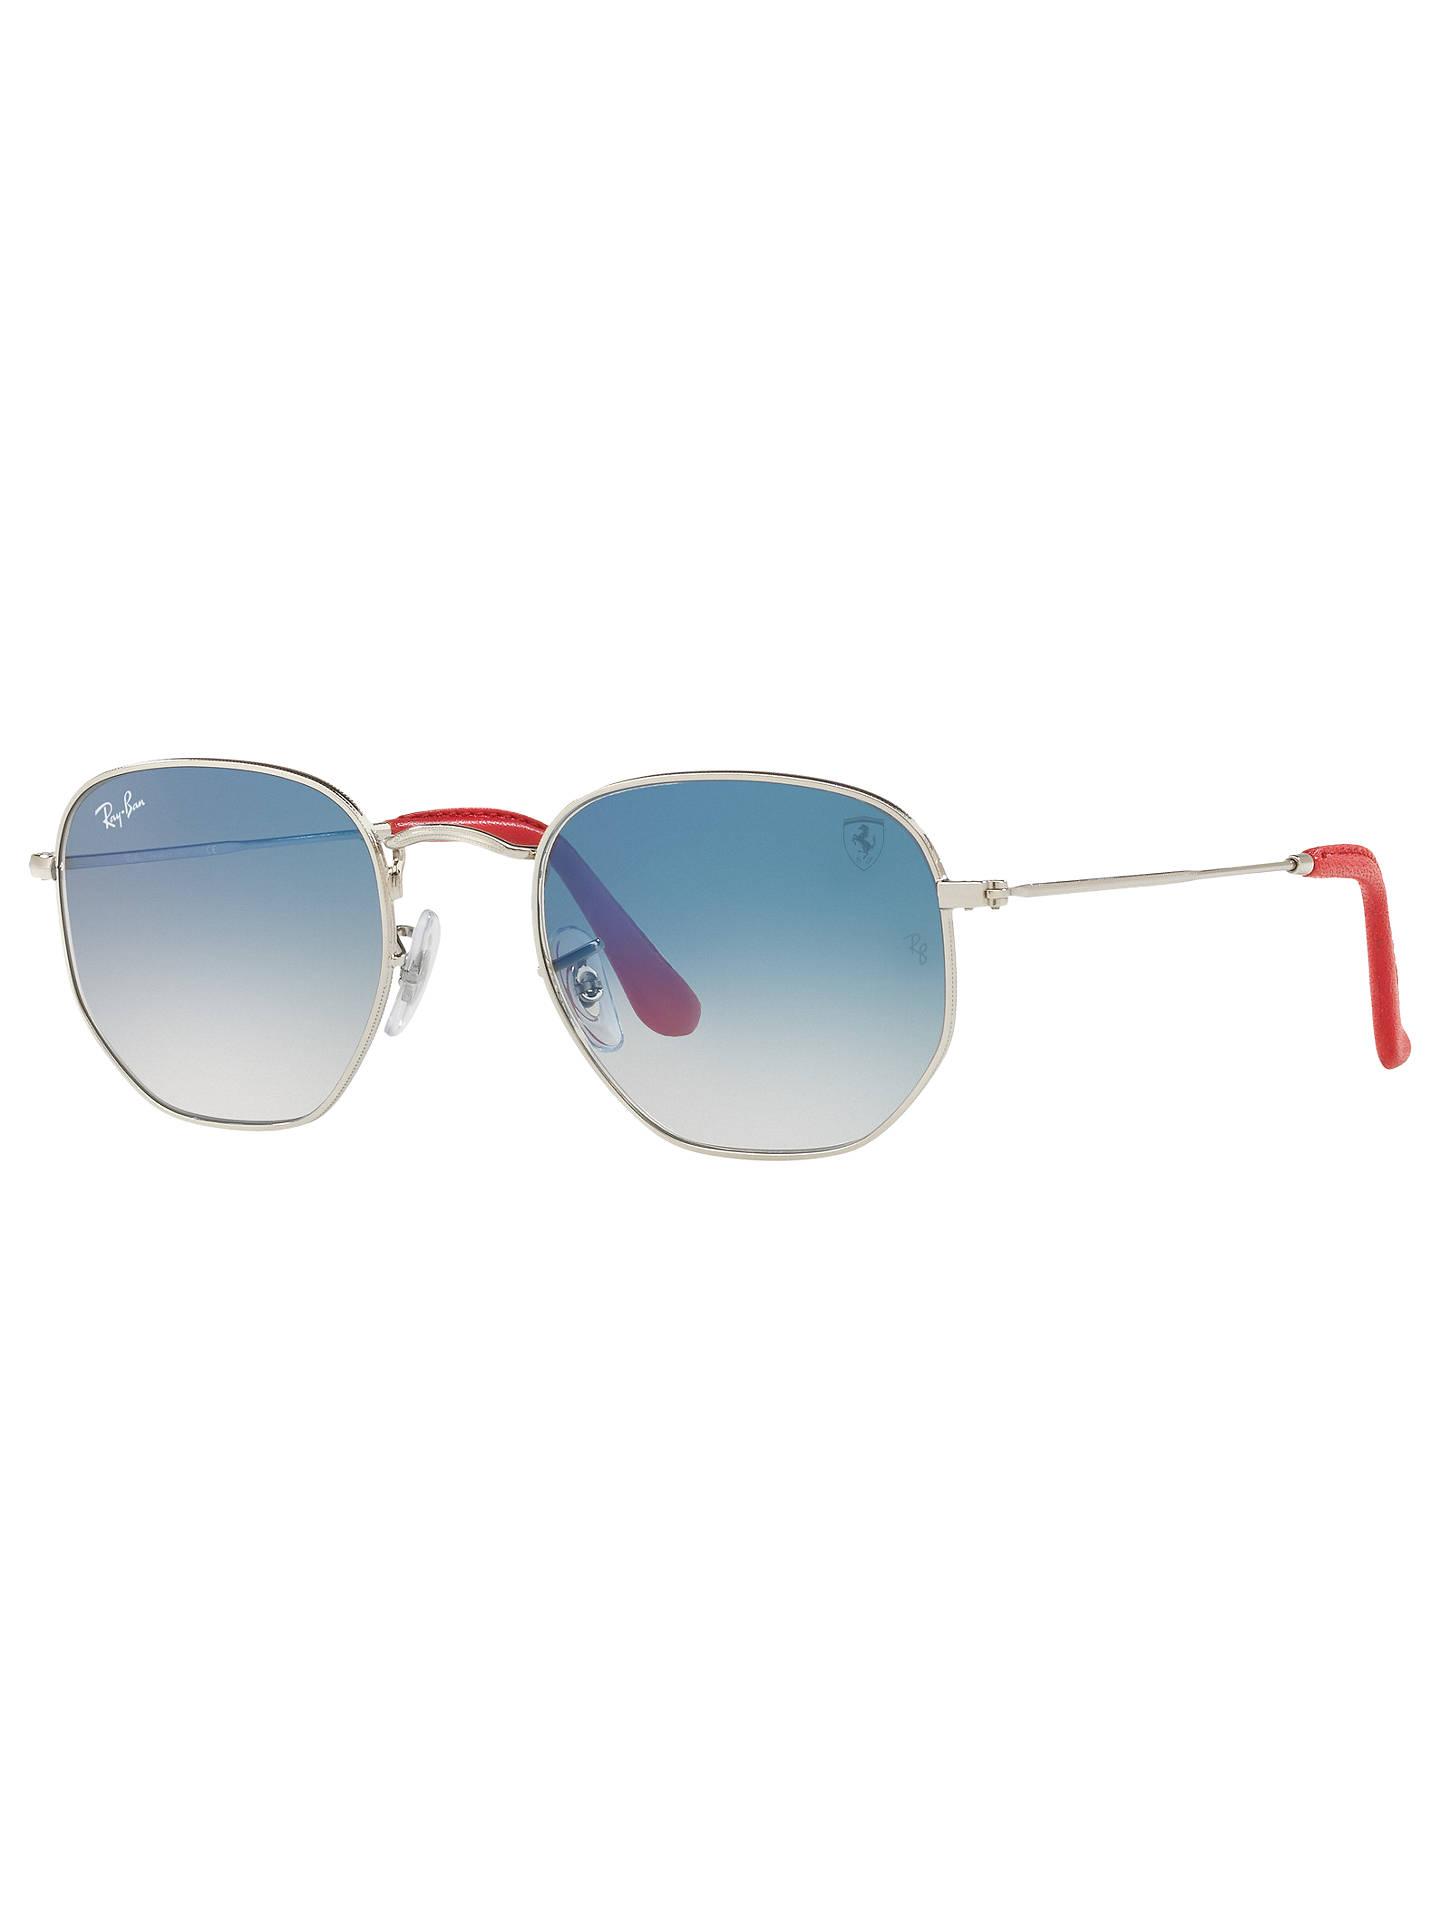 5cc87e8a50 Buy Ray-Ban RB3548NM Scuderia Ferrari Square Sunglasses